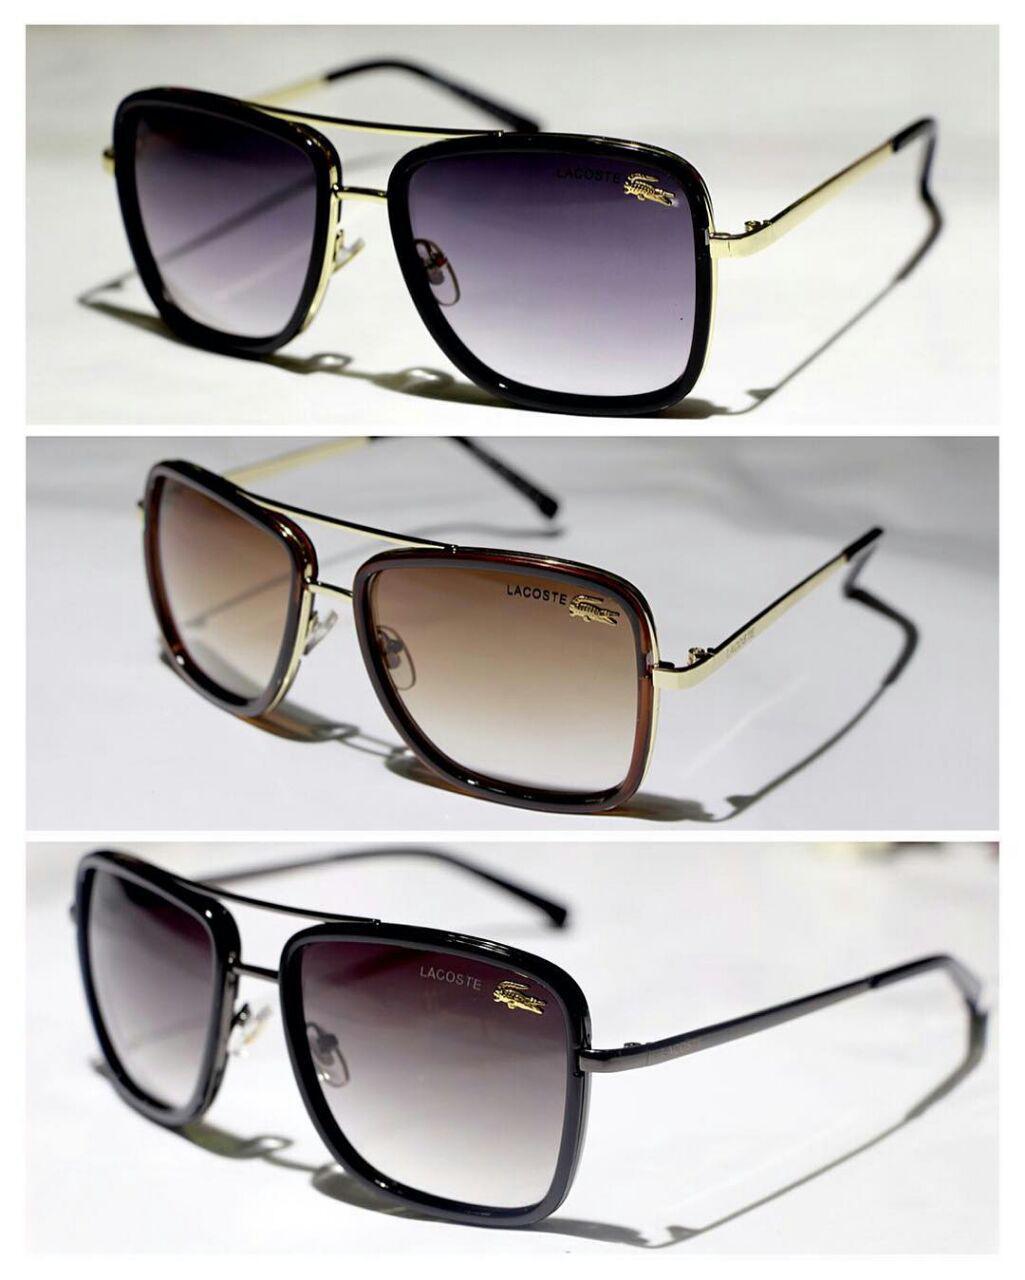 عینک آفتابی فلت لاگوست